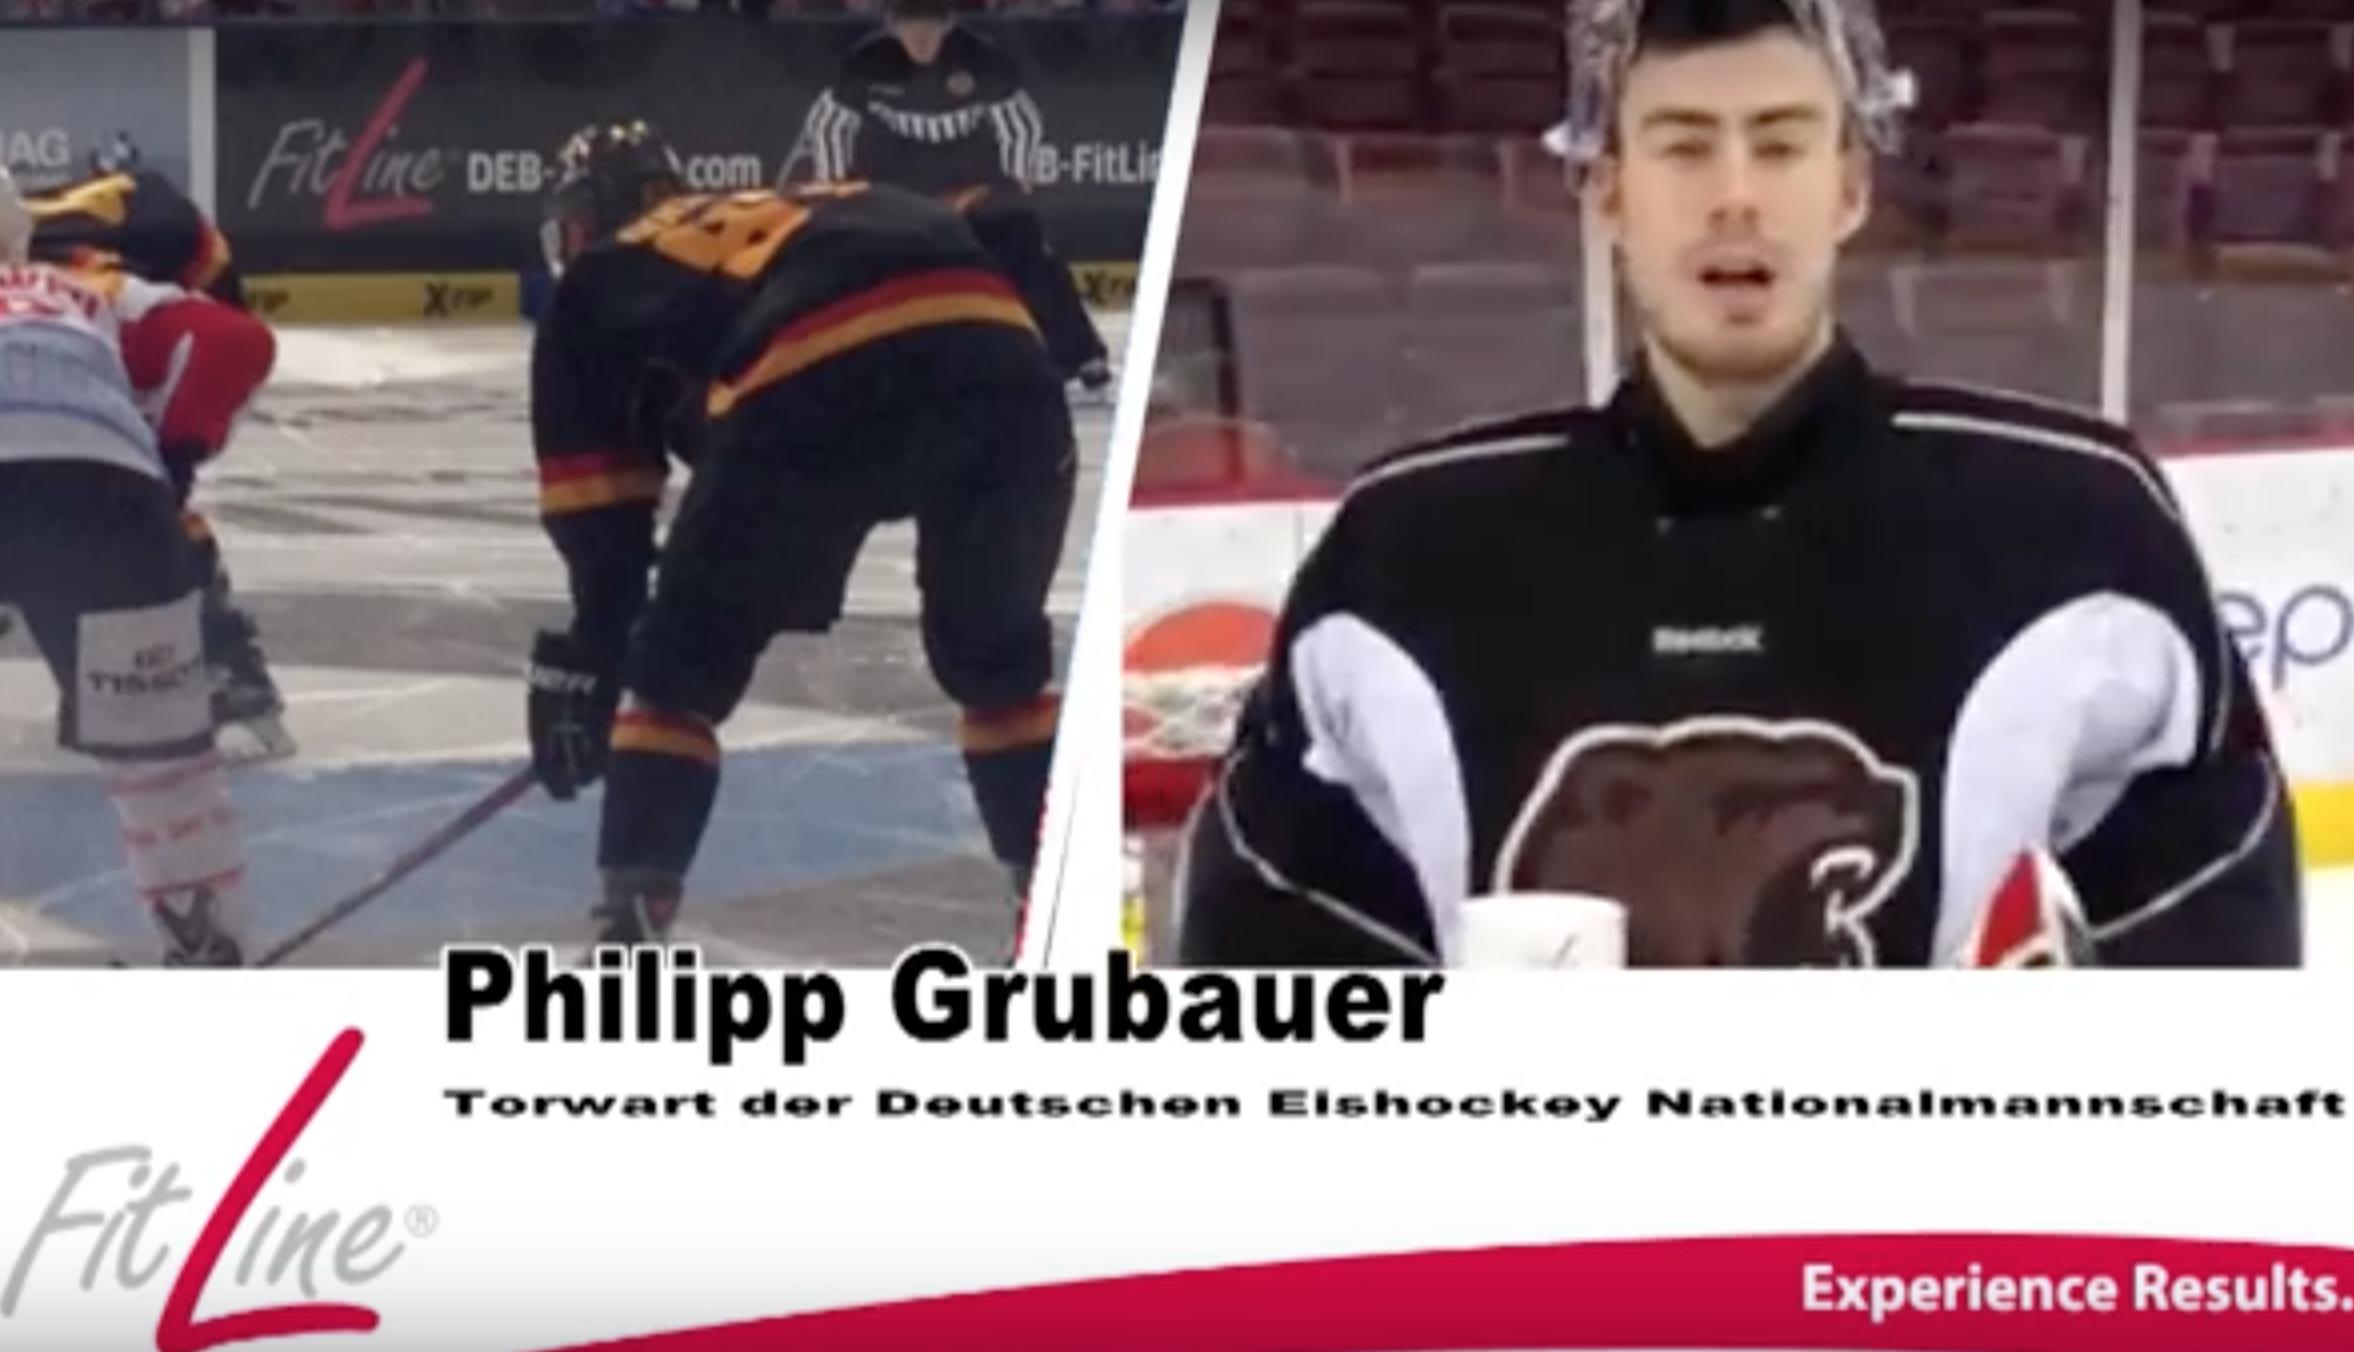 Philipp Grubauer Torwart der Deutschen E